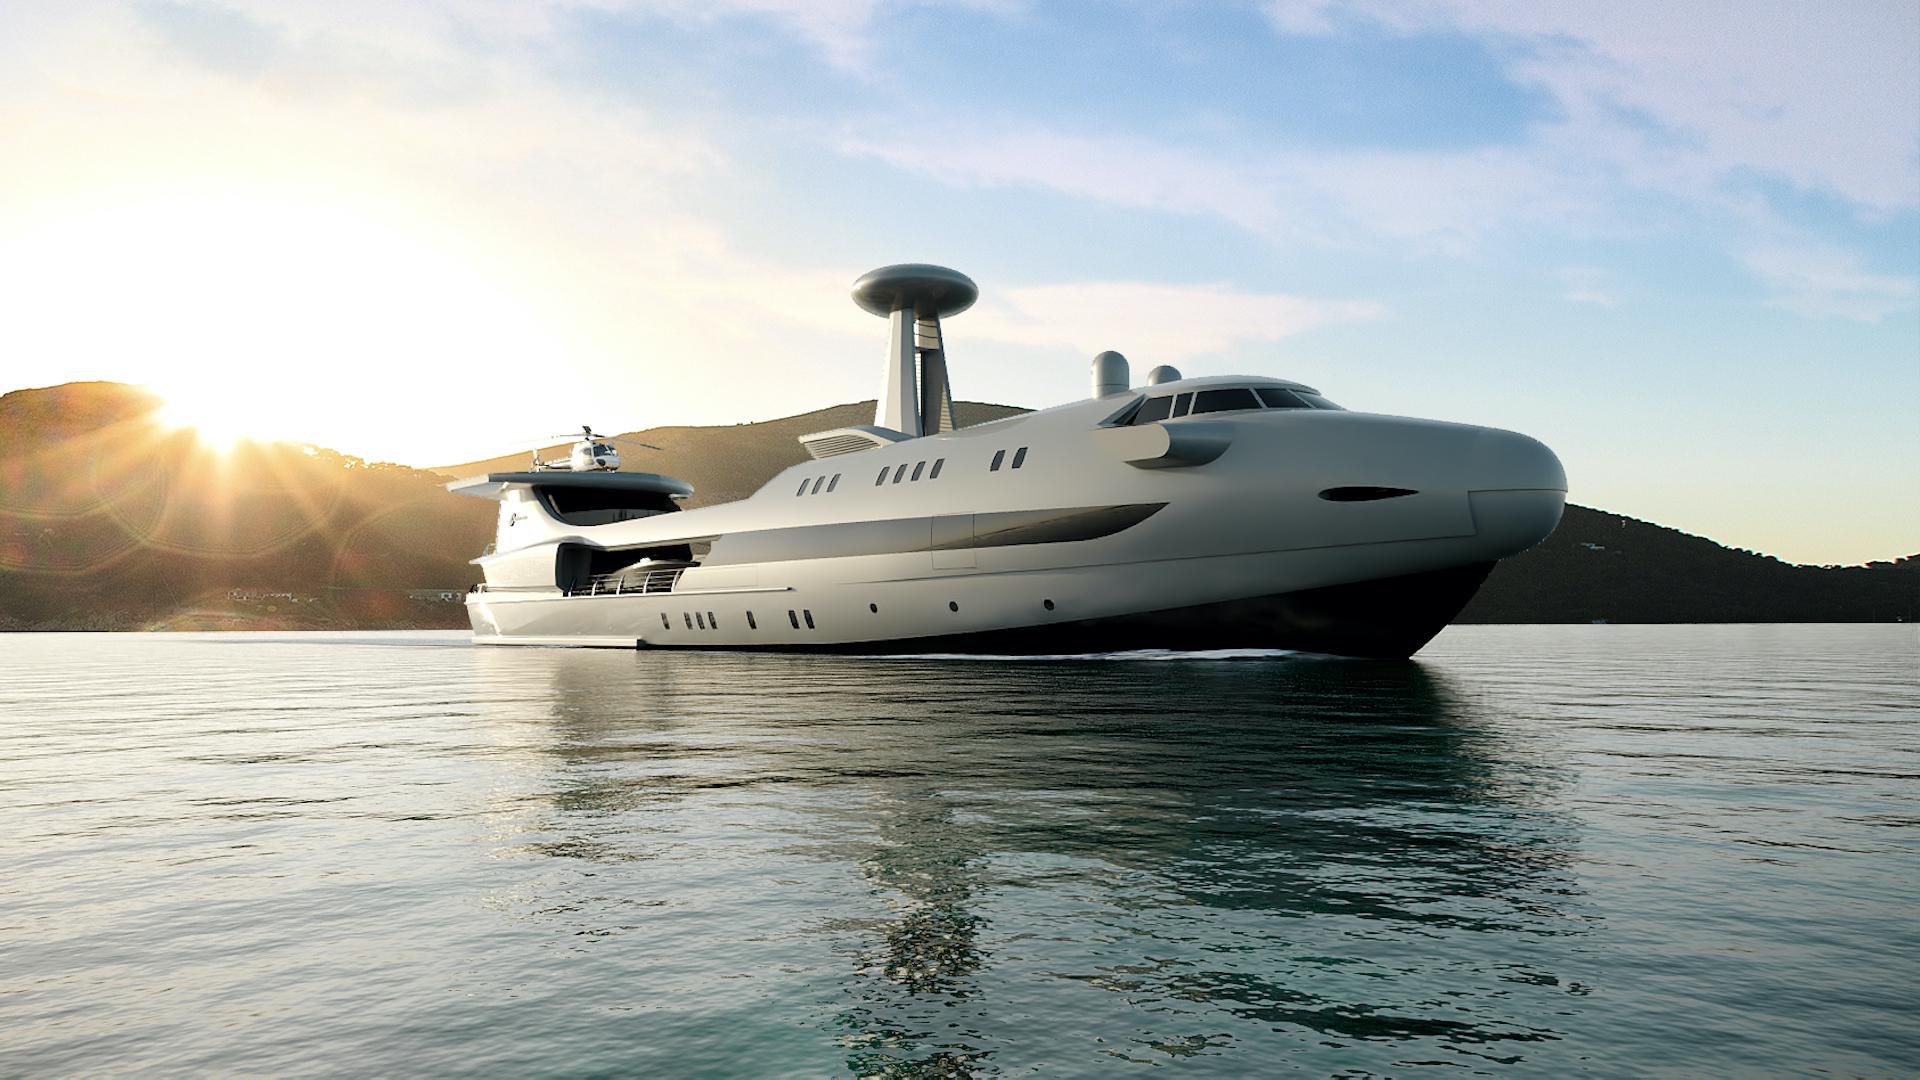 Codecasa Jet 2020: el superyate de lujo que parece un avión jumbo